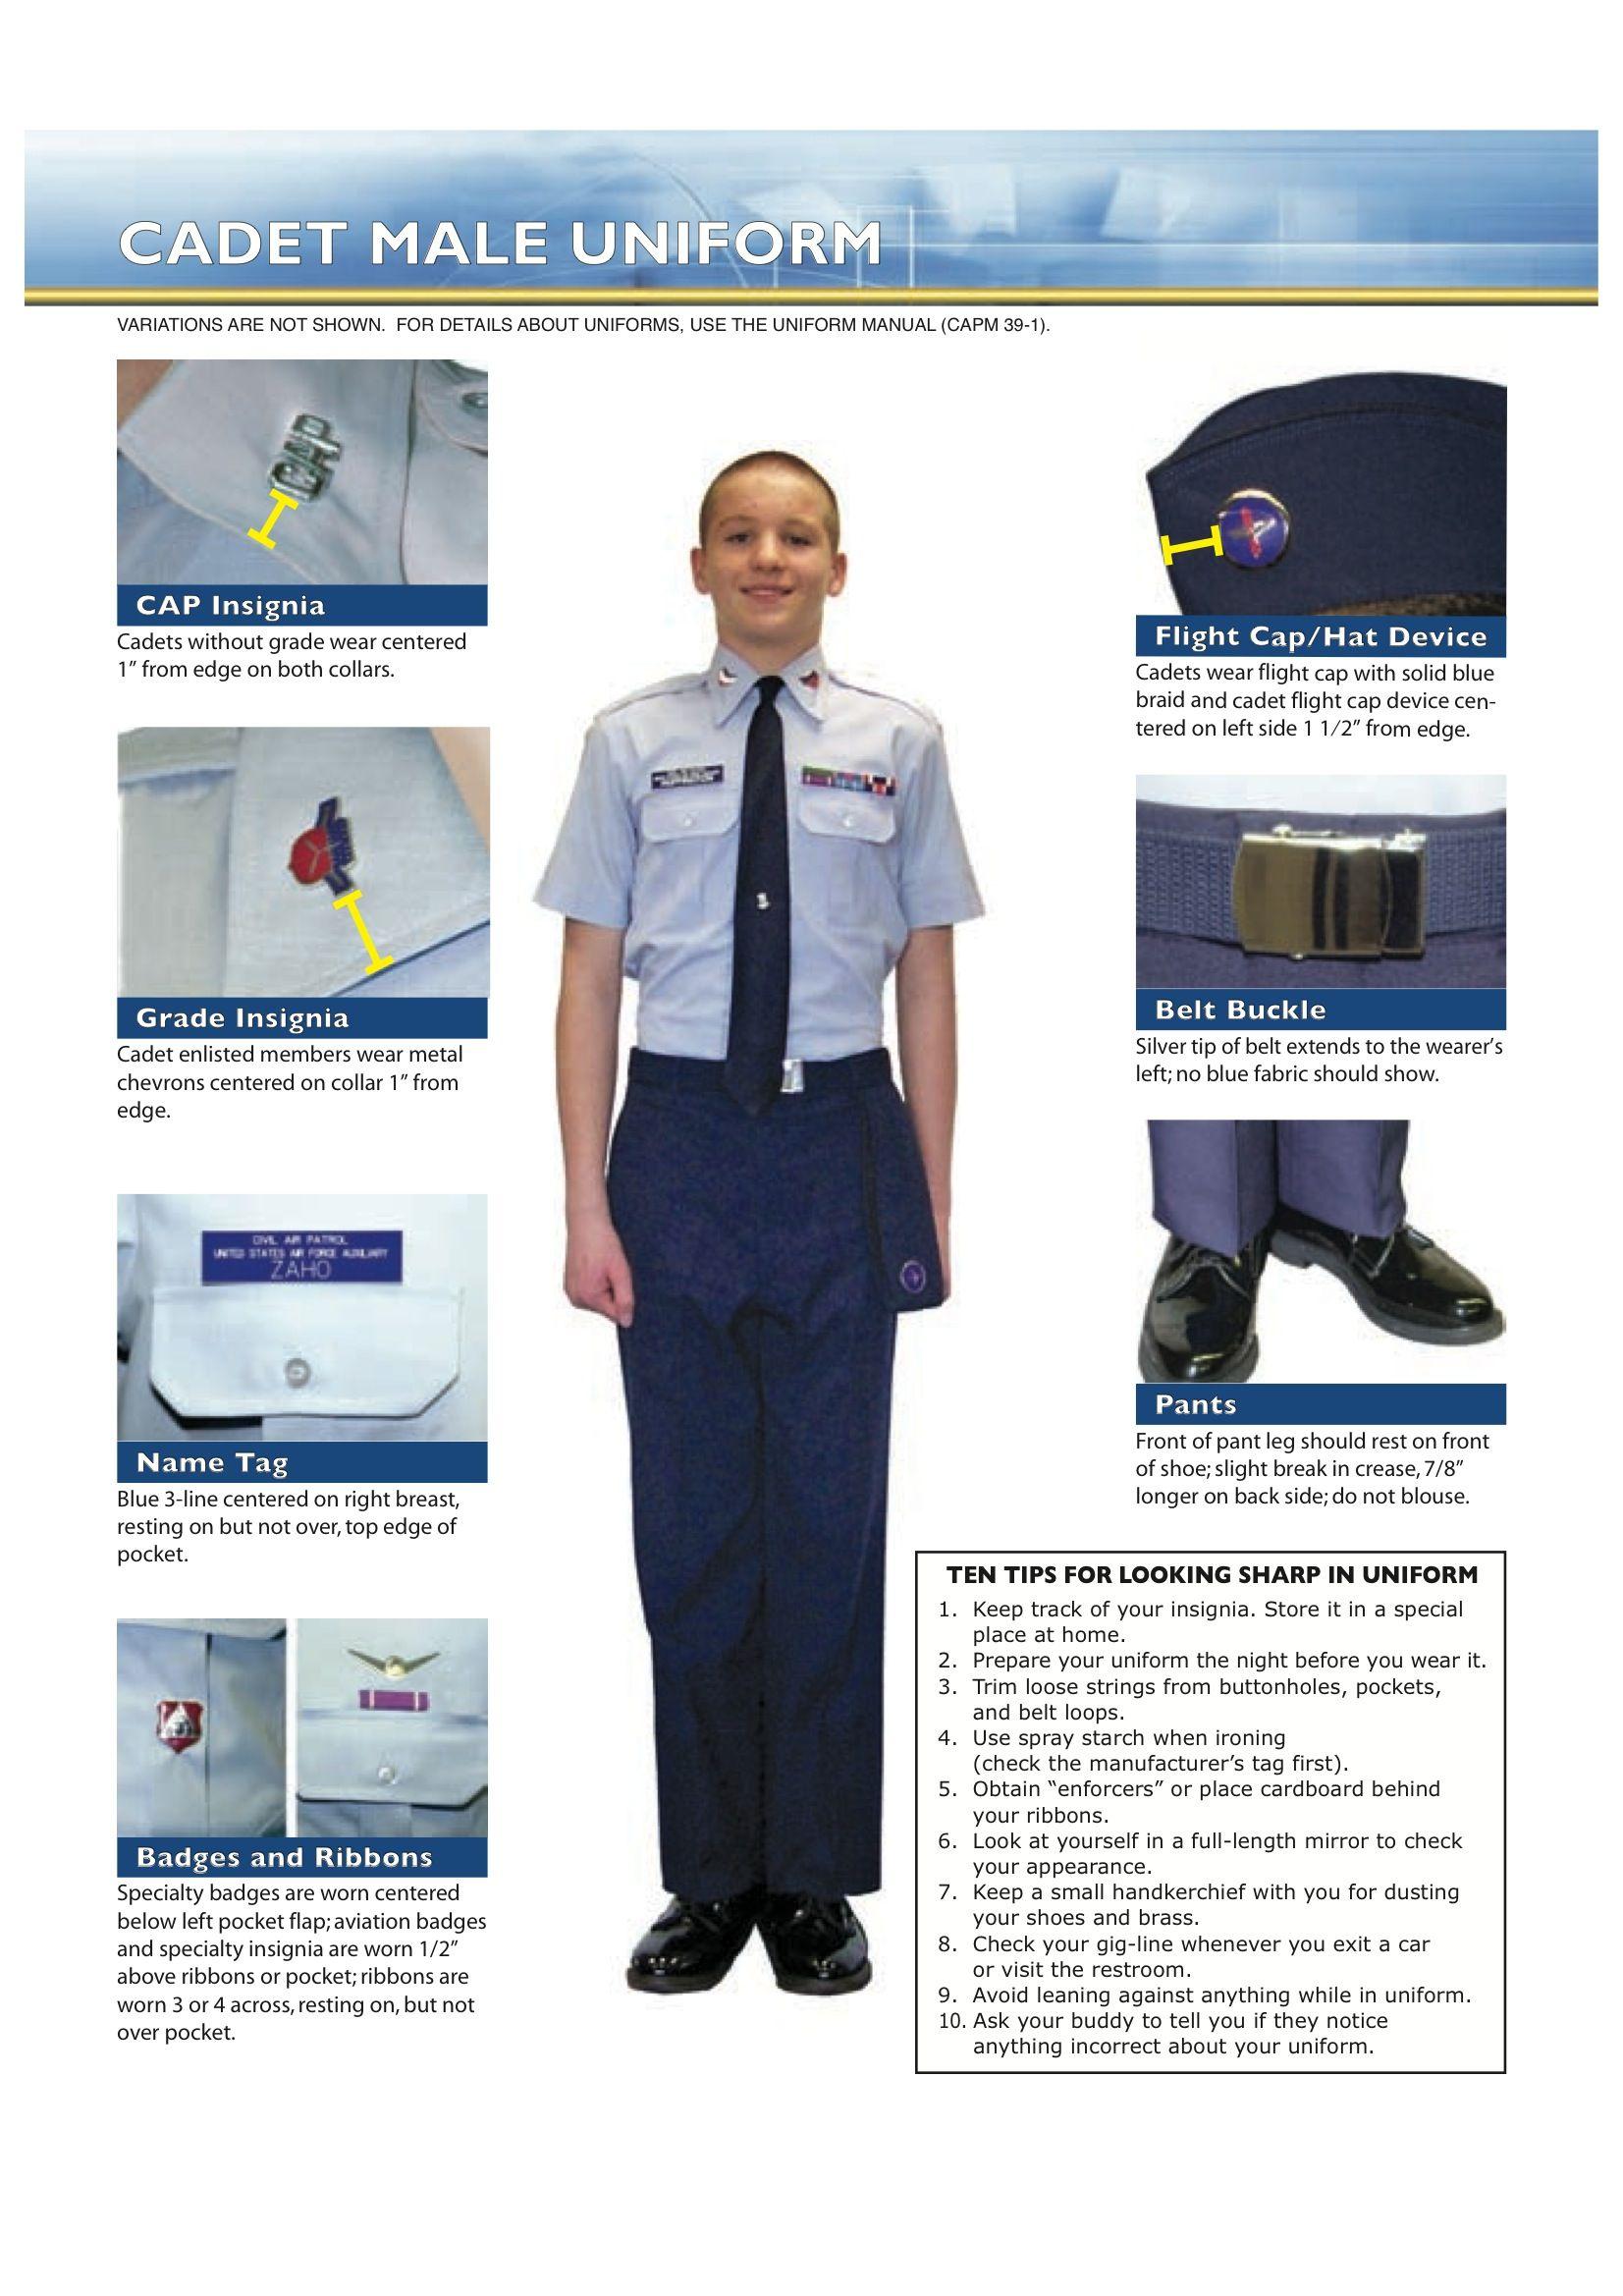 Cadet Uniform Guide Uniform, Cadet, Guide